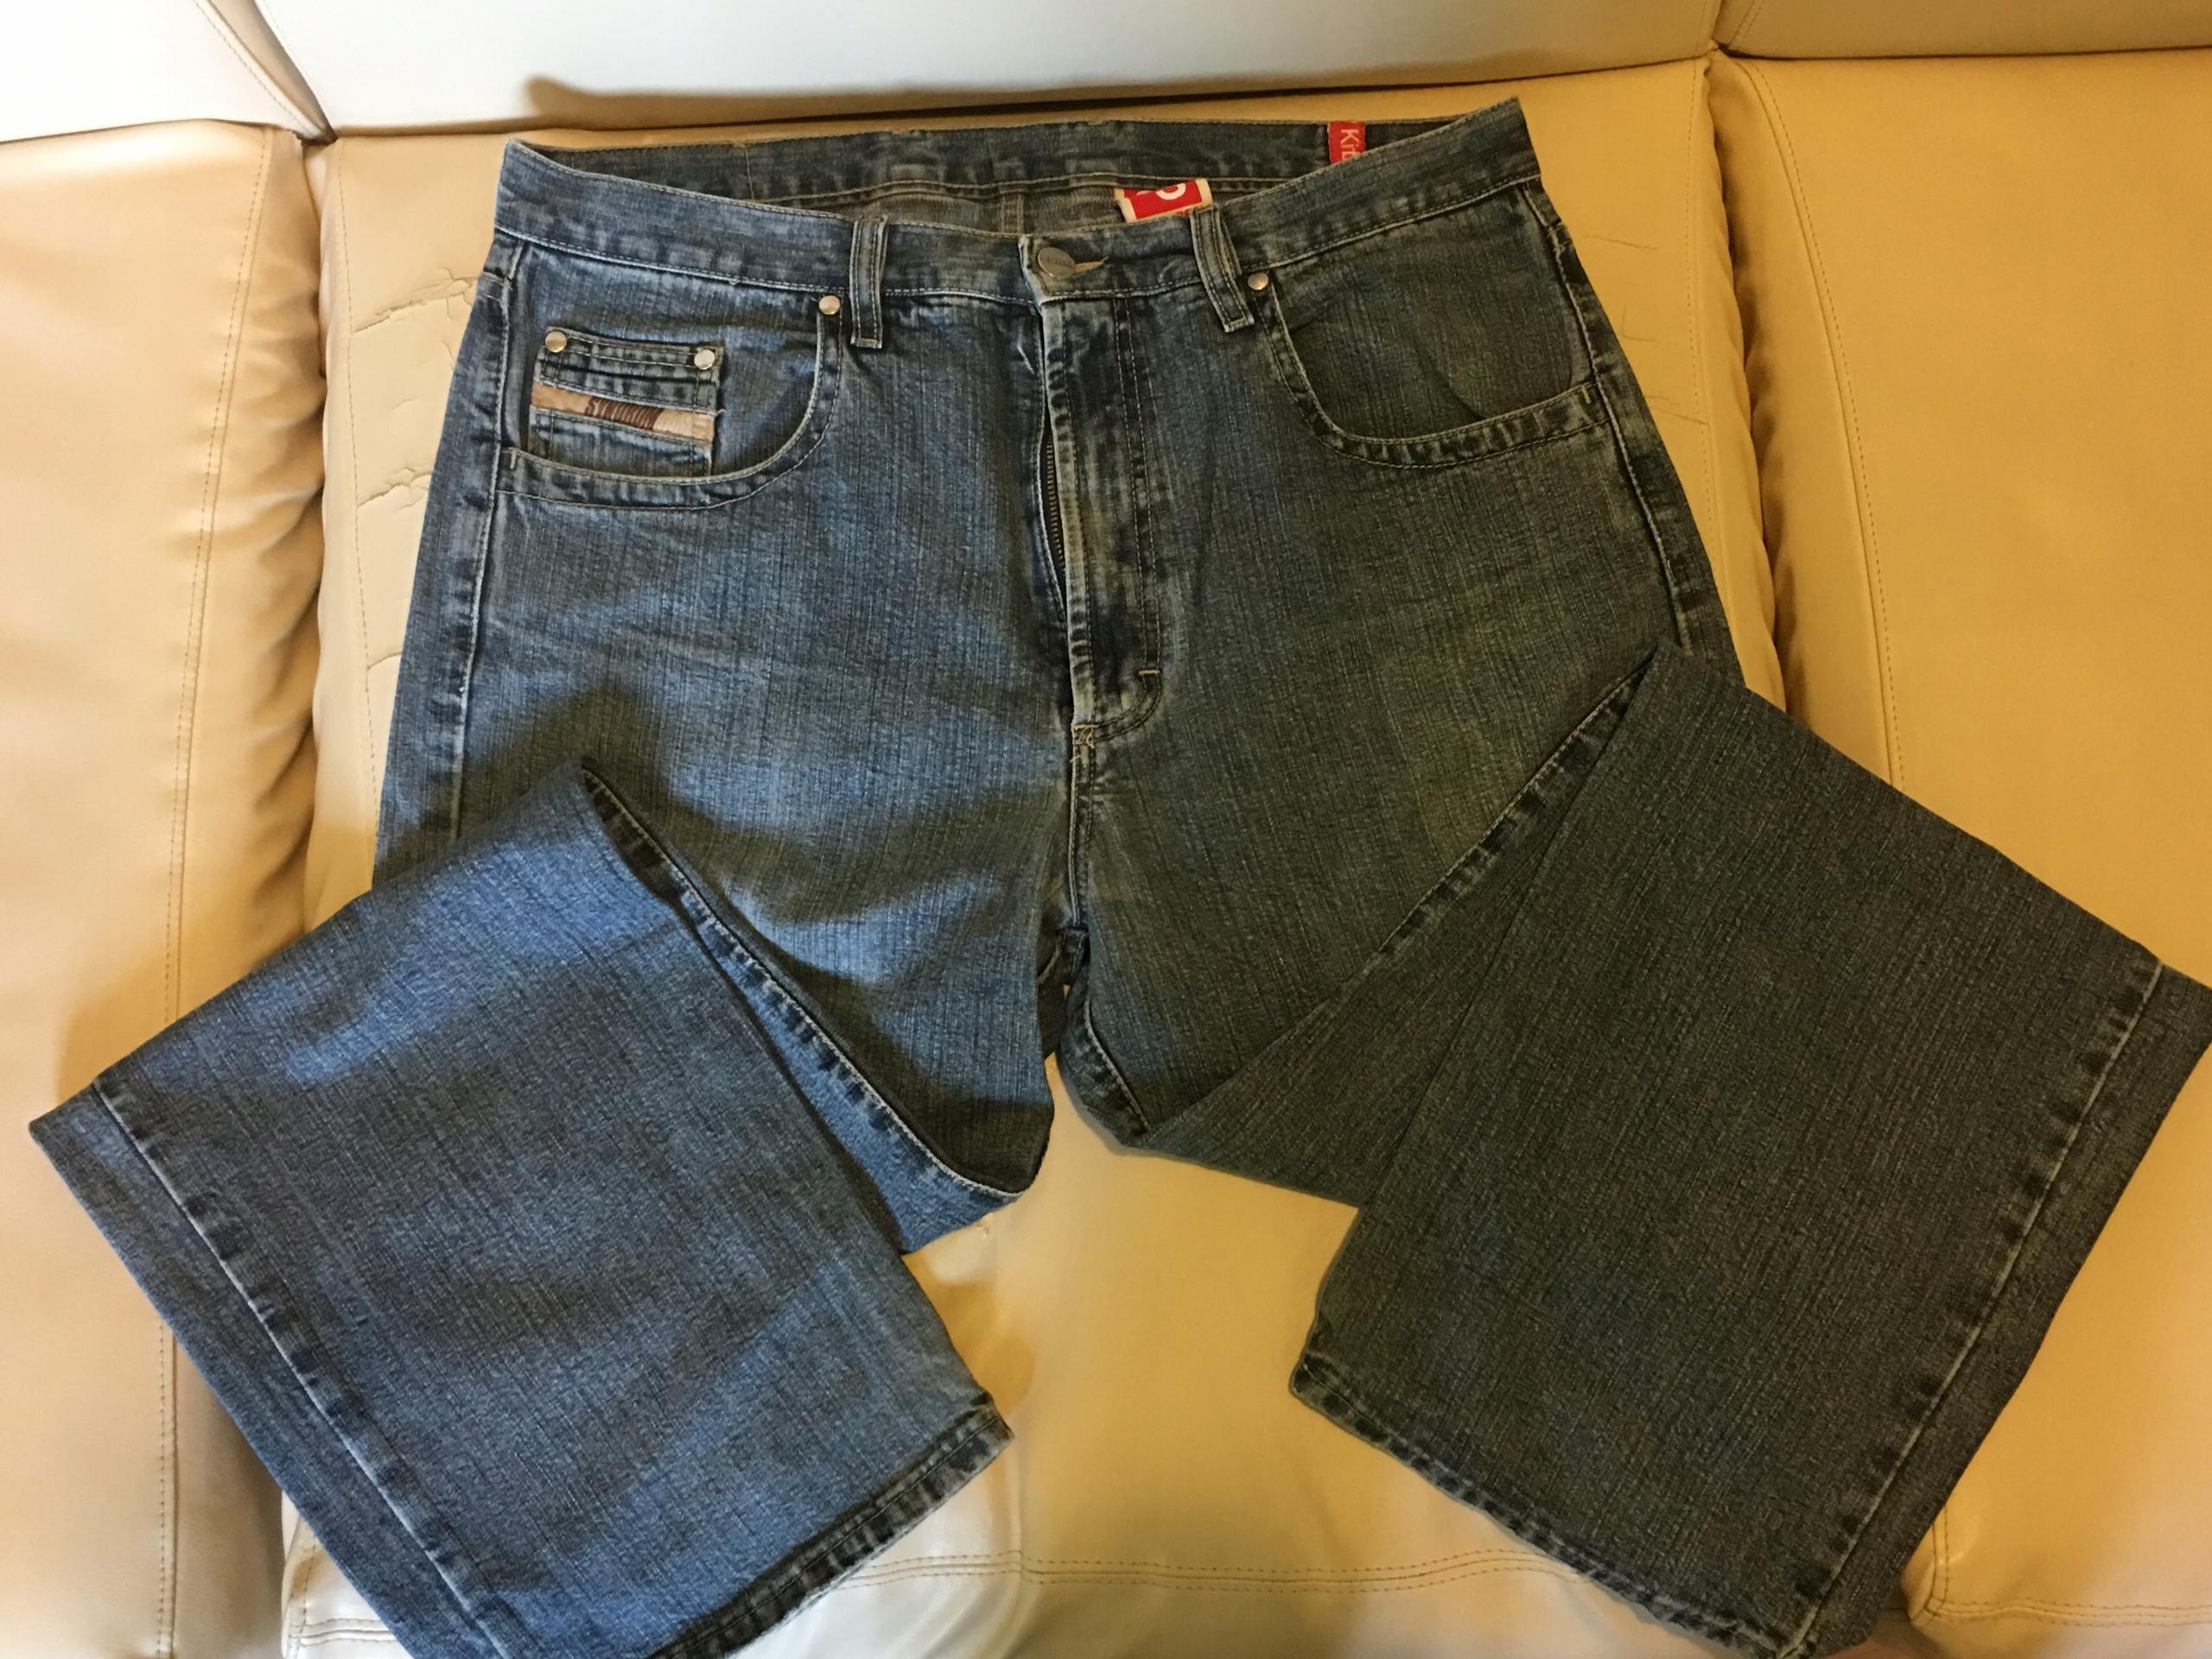 SYNDORM spodnie baggy skate - rozmiar L